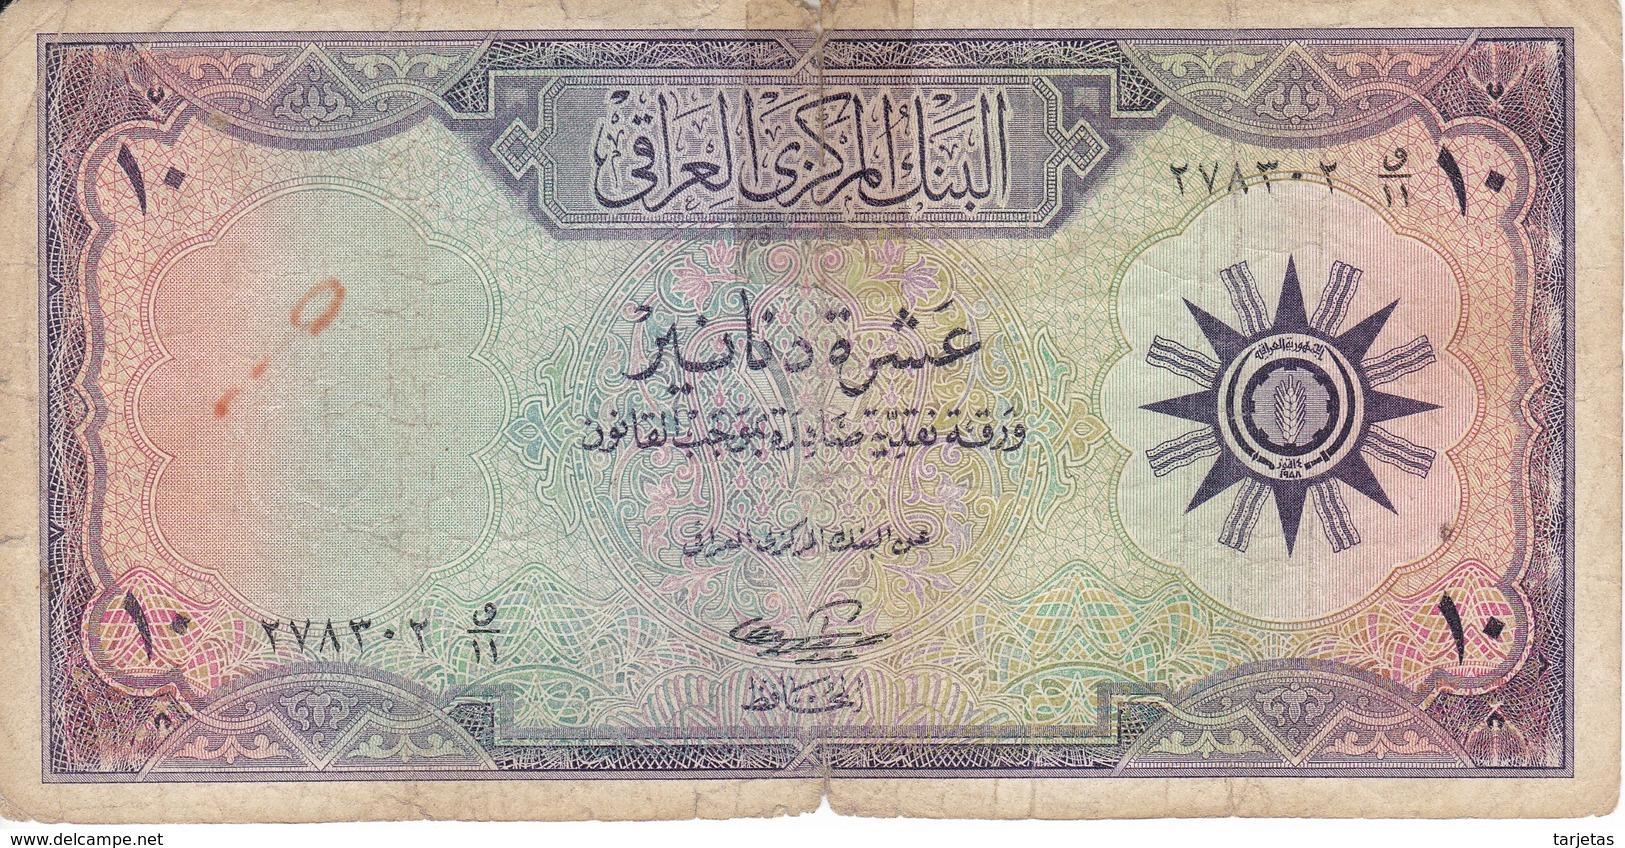 BILLETE DE IRAQ DE 10 DINARS DEL AÑO 1959 (BANKNOTE) - Iraq